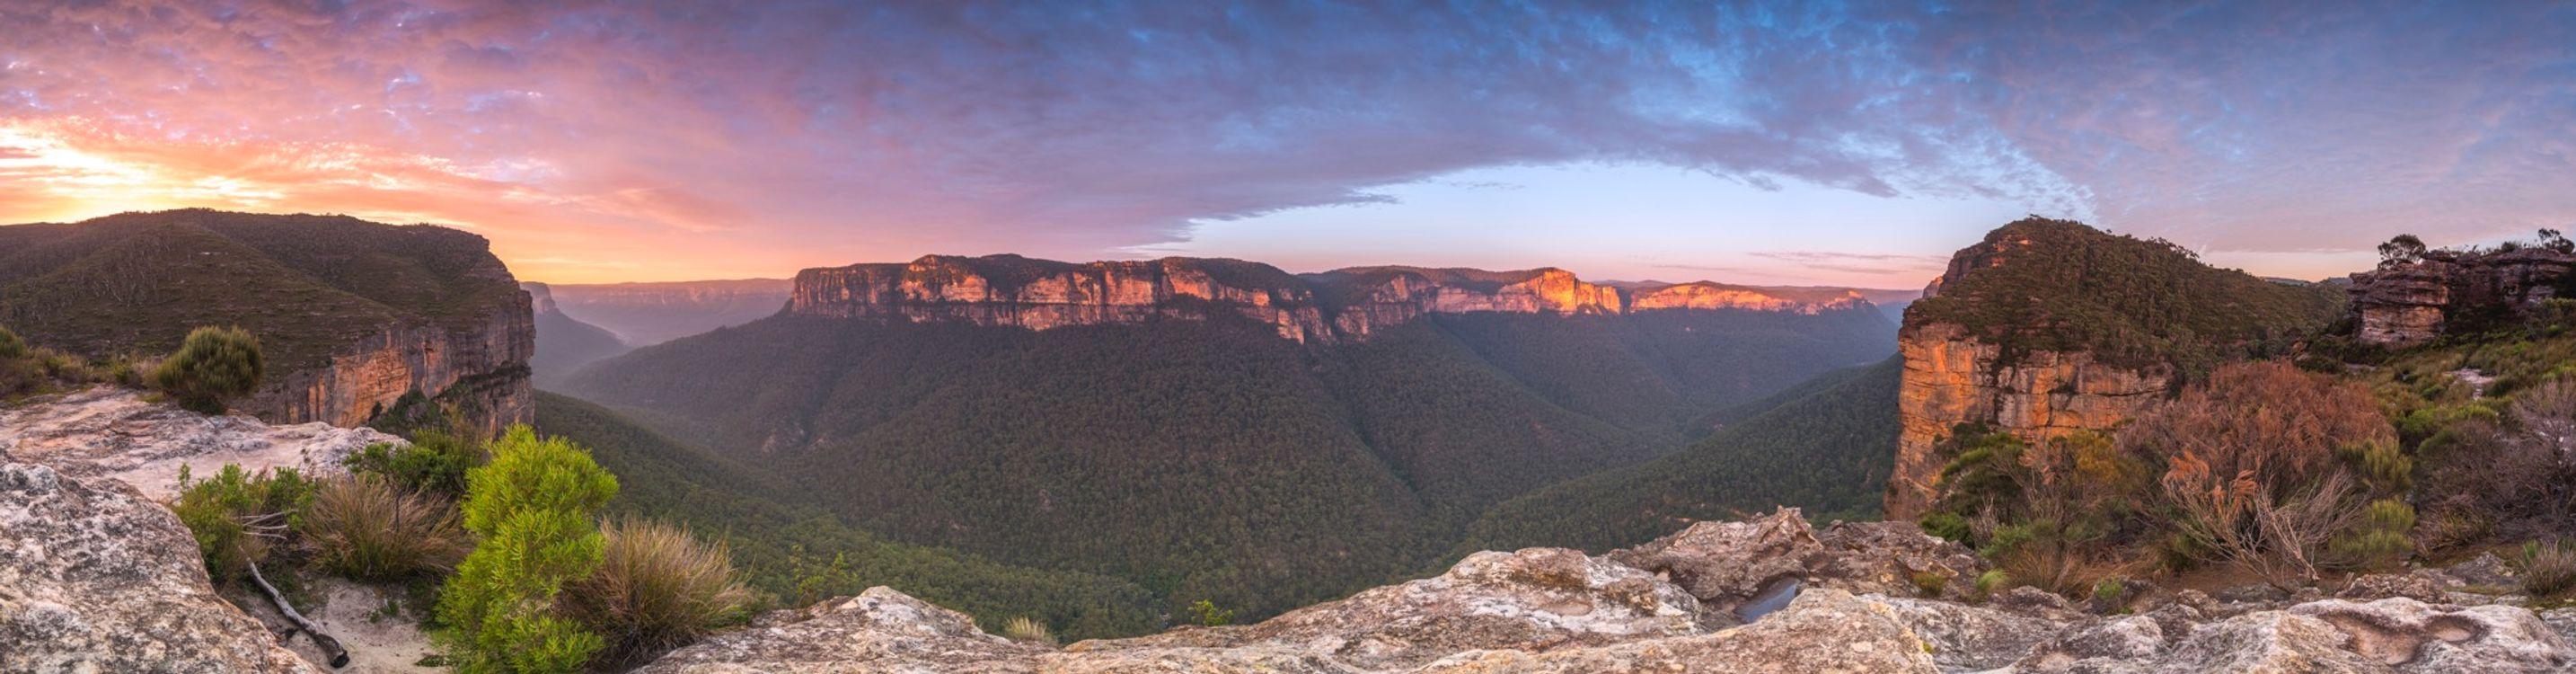 Фото бесплатно восход, синий, горы - на рабочий стол